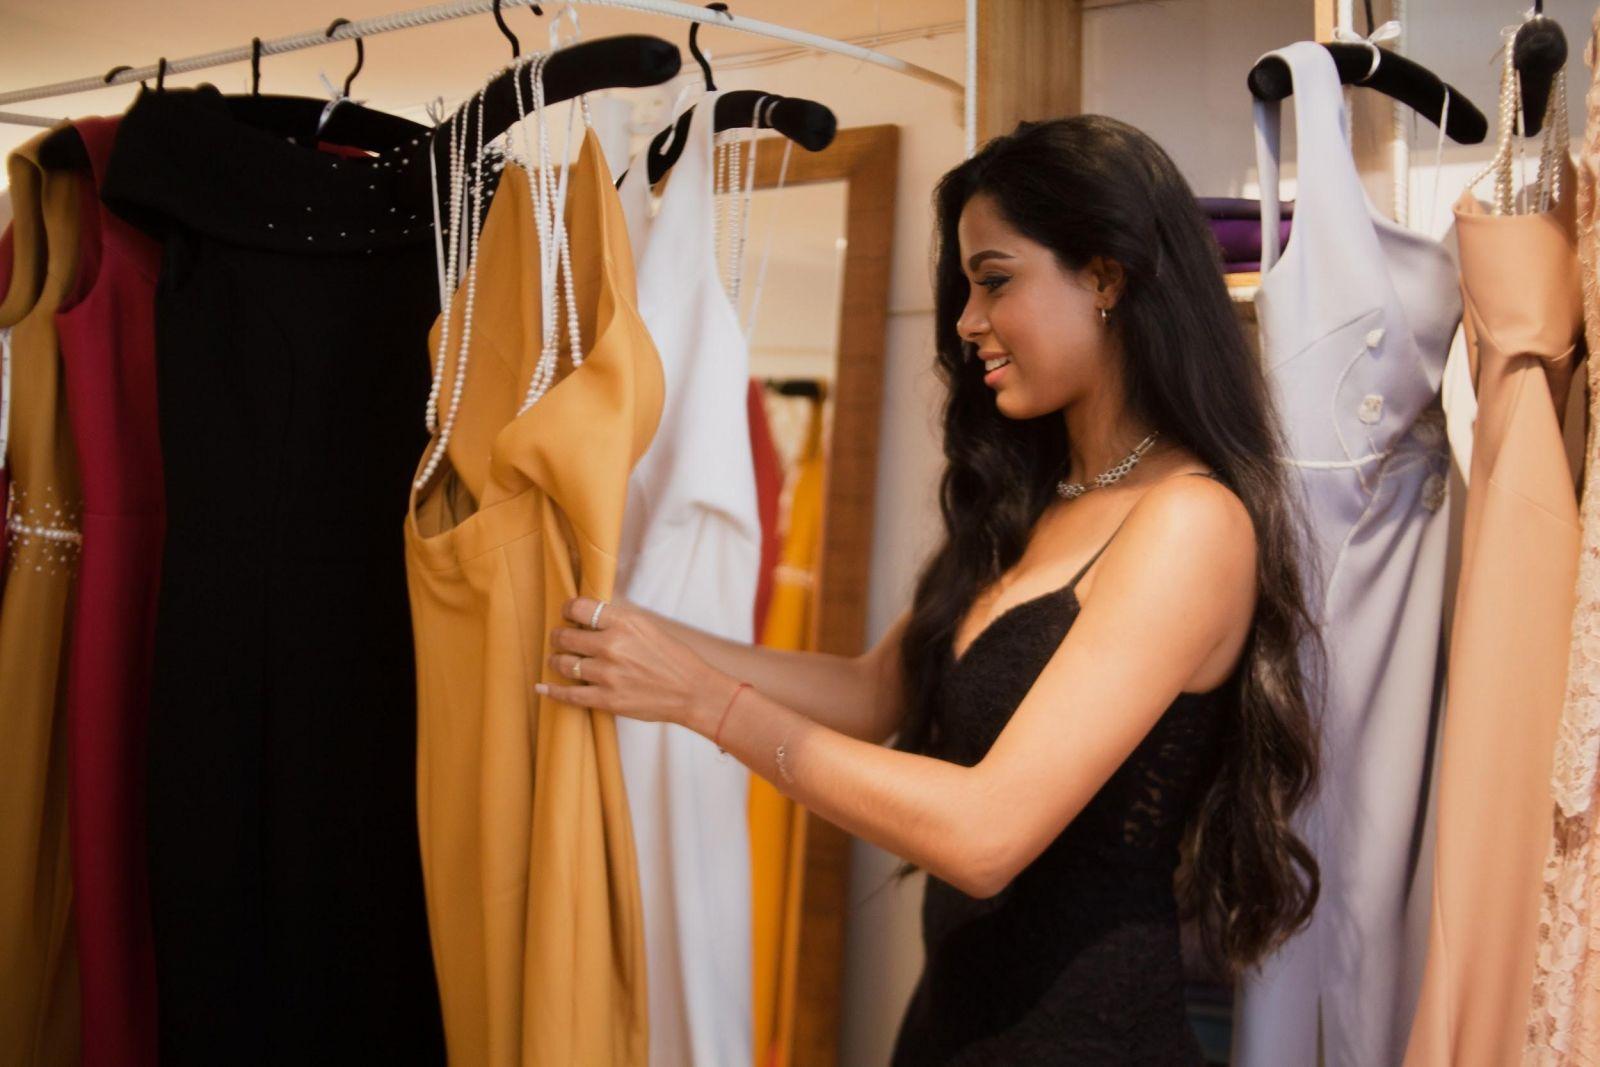 Lisandra Delgado Napoles thích thú trước những bộ đầm có thiết kế vô cùng ấn tượng và sang trọng tại Le Soleil